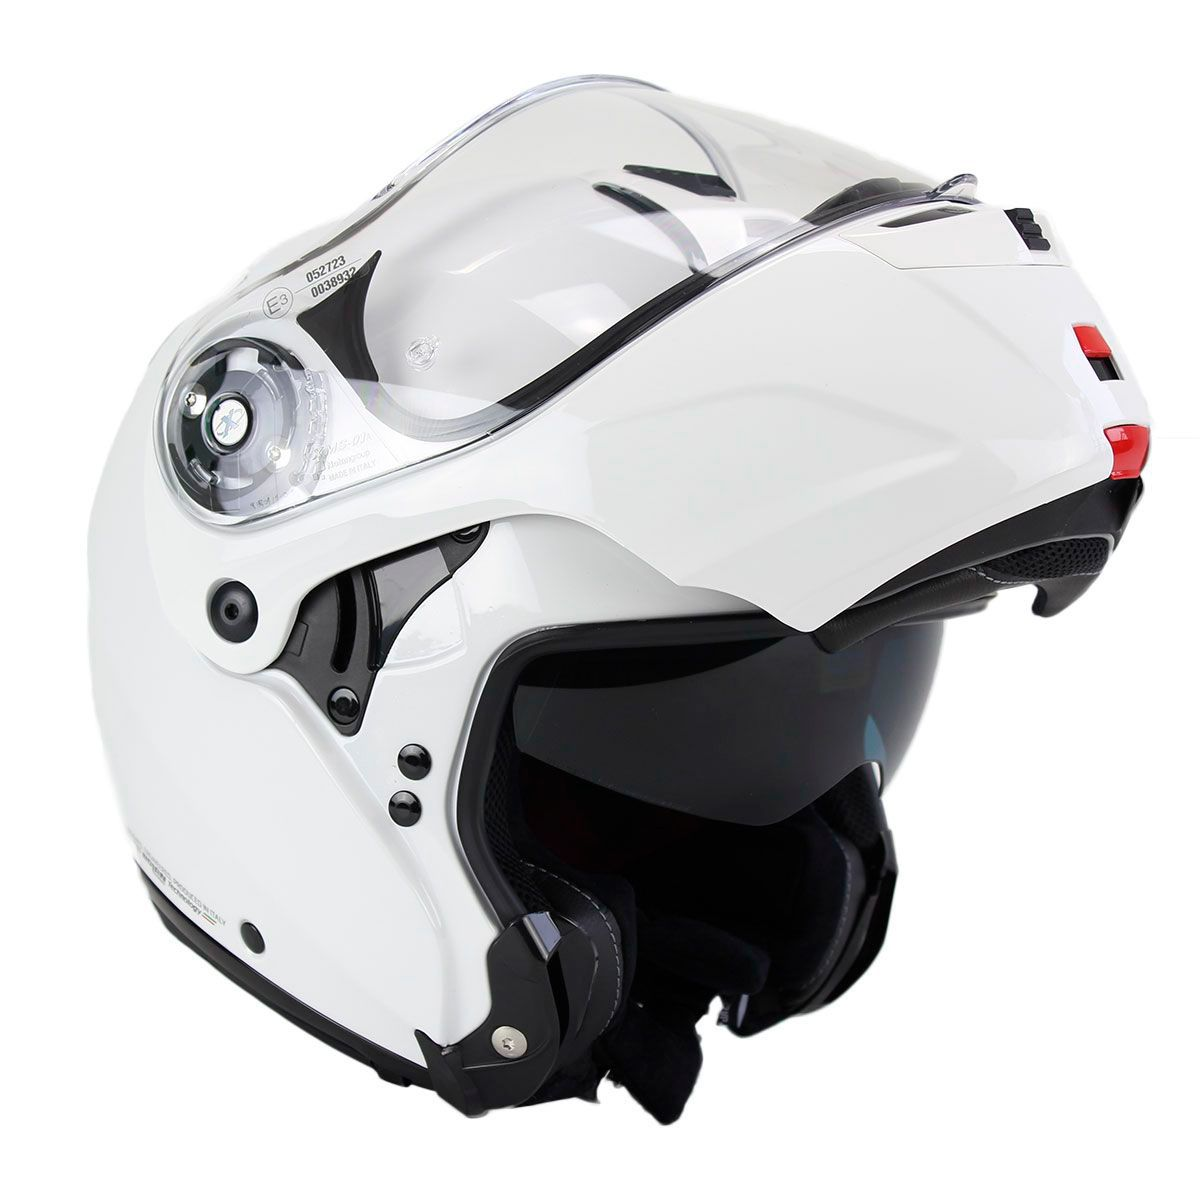 Capacete X-Lite X-1004 Elegance White - Escamoteável / Articulado  - Nova Suzuki Motos e Acessórios